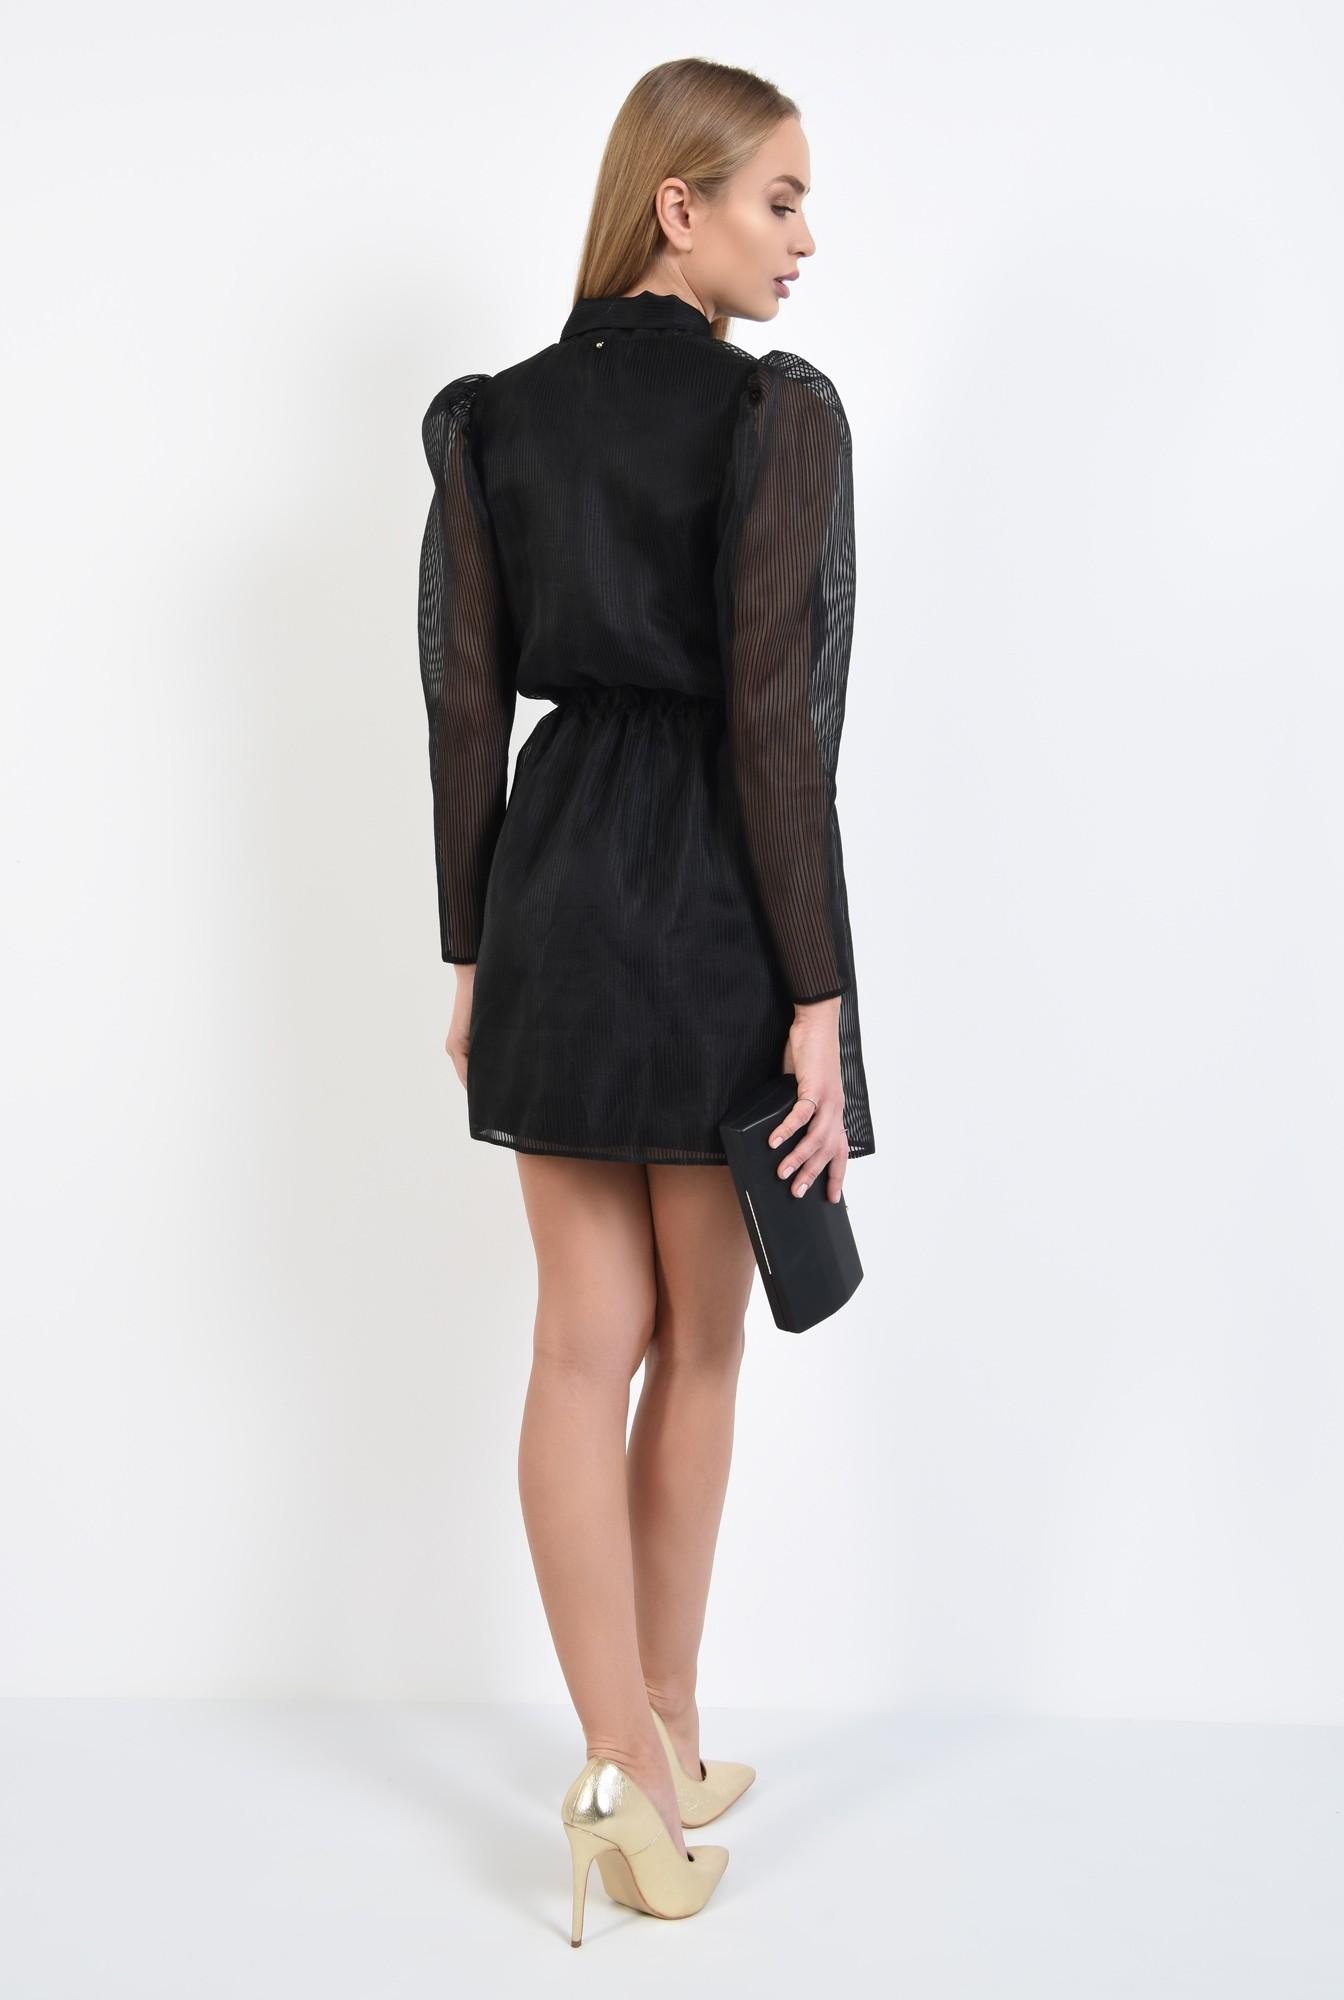 1 - 360 - rochie de seara, neagra, maneci cu cret la umar, voal tip organza